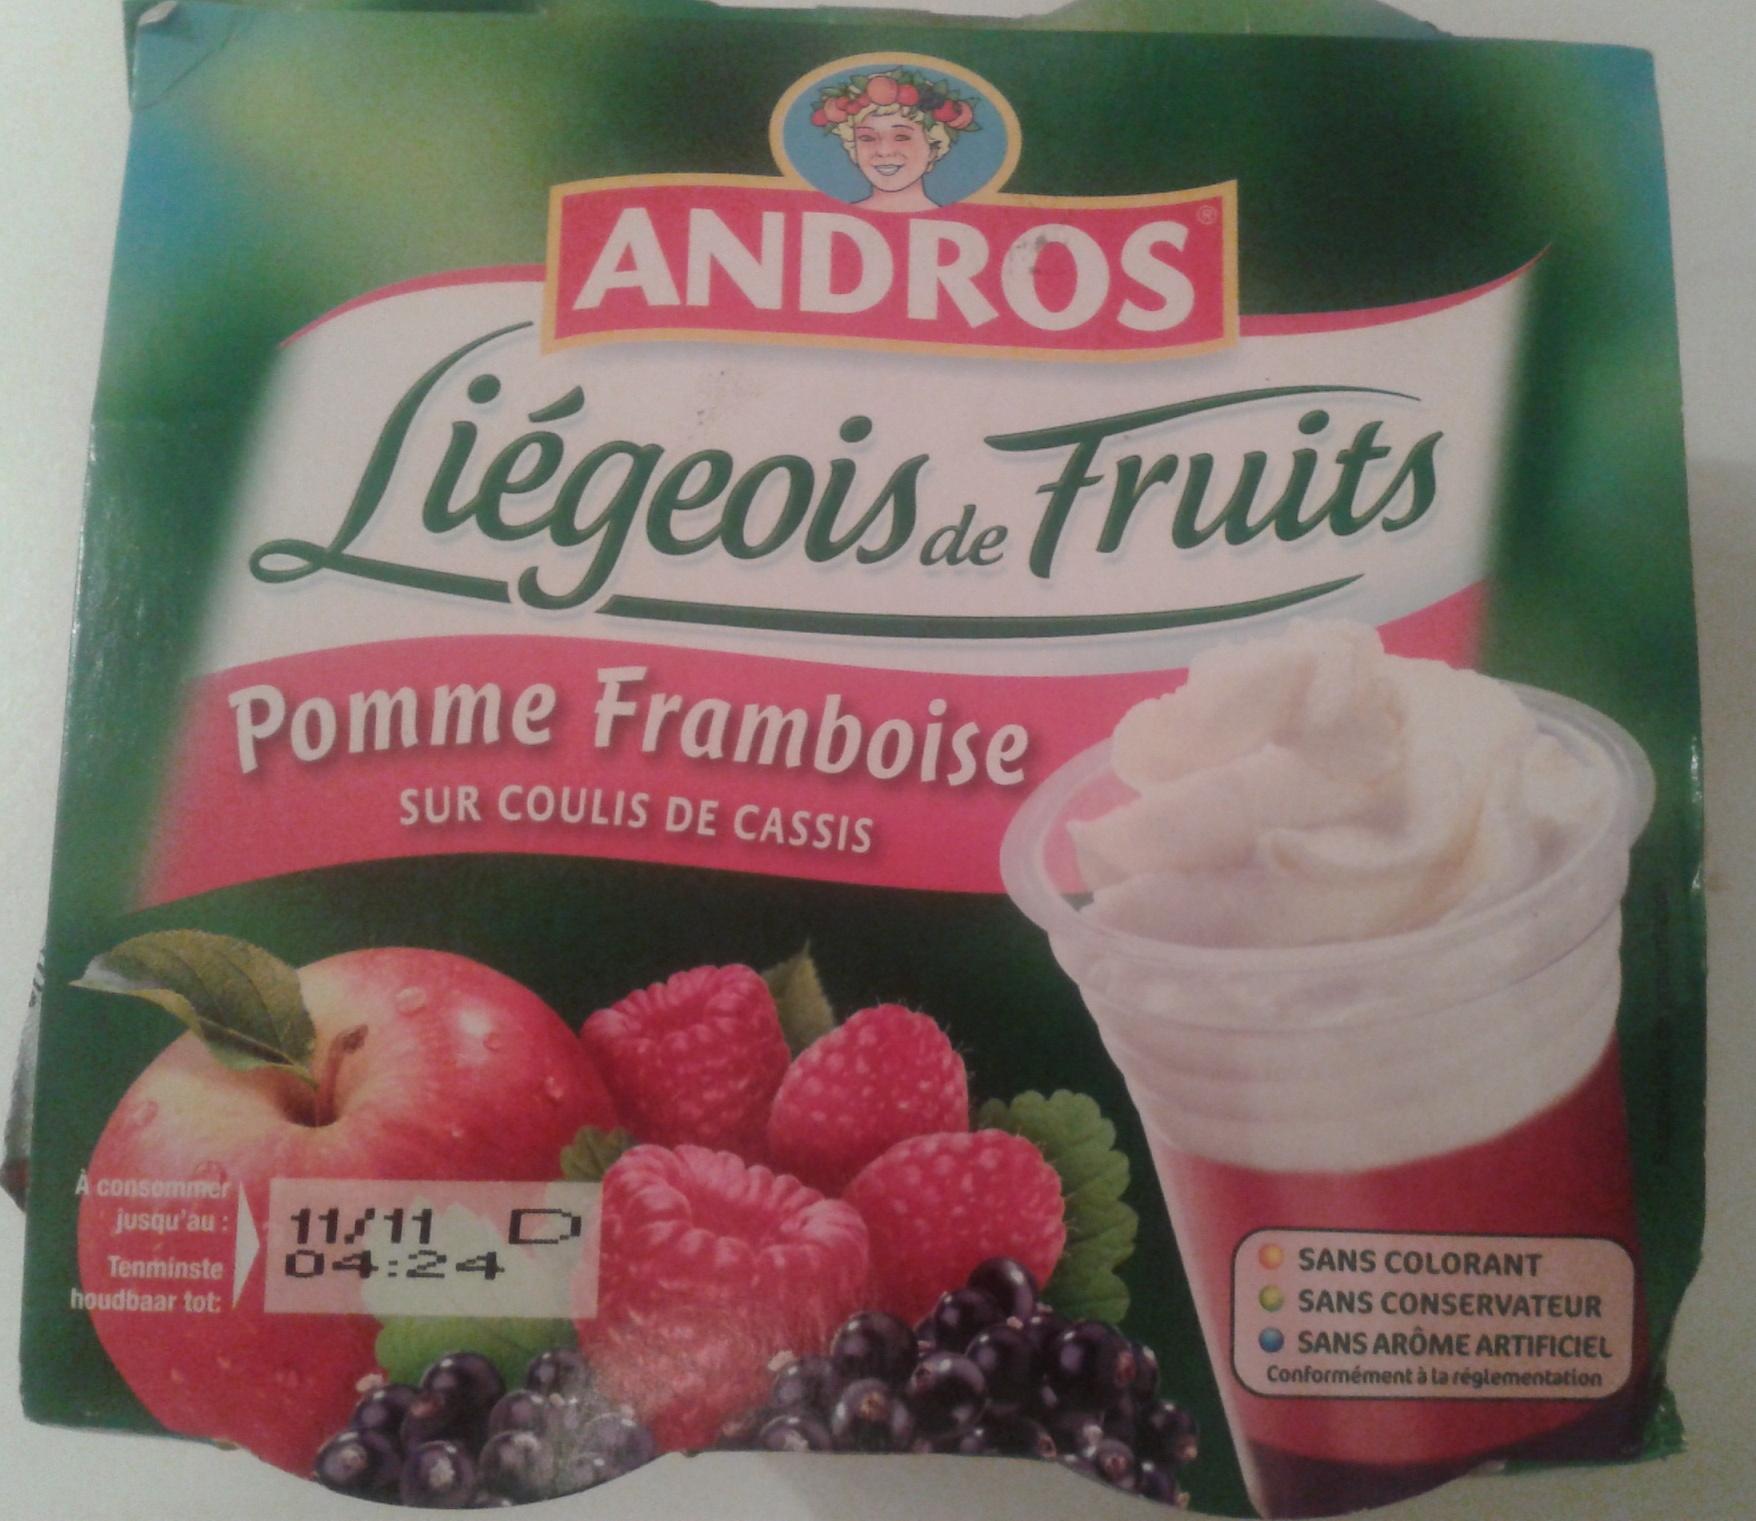 Liégeois de fruits Pomme-Framboise sur coulis de Cassis - Product